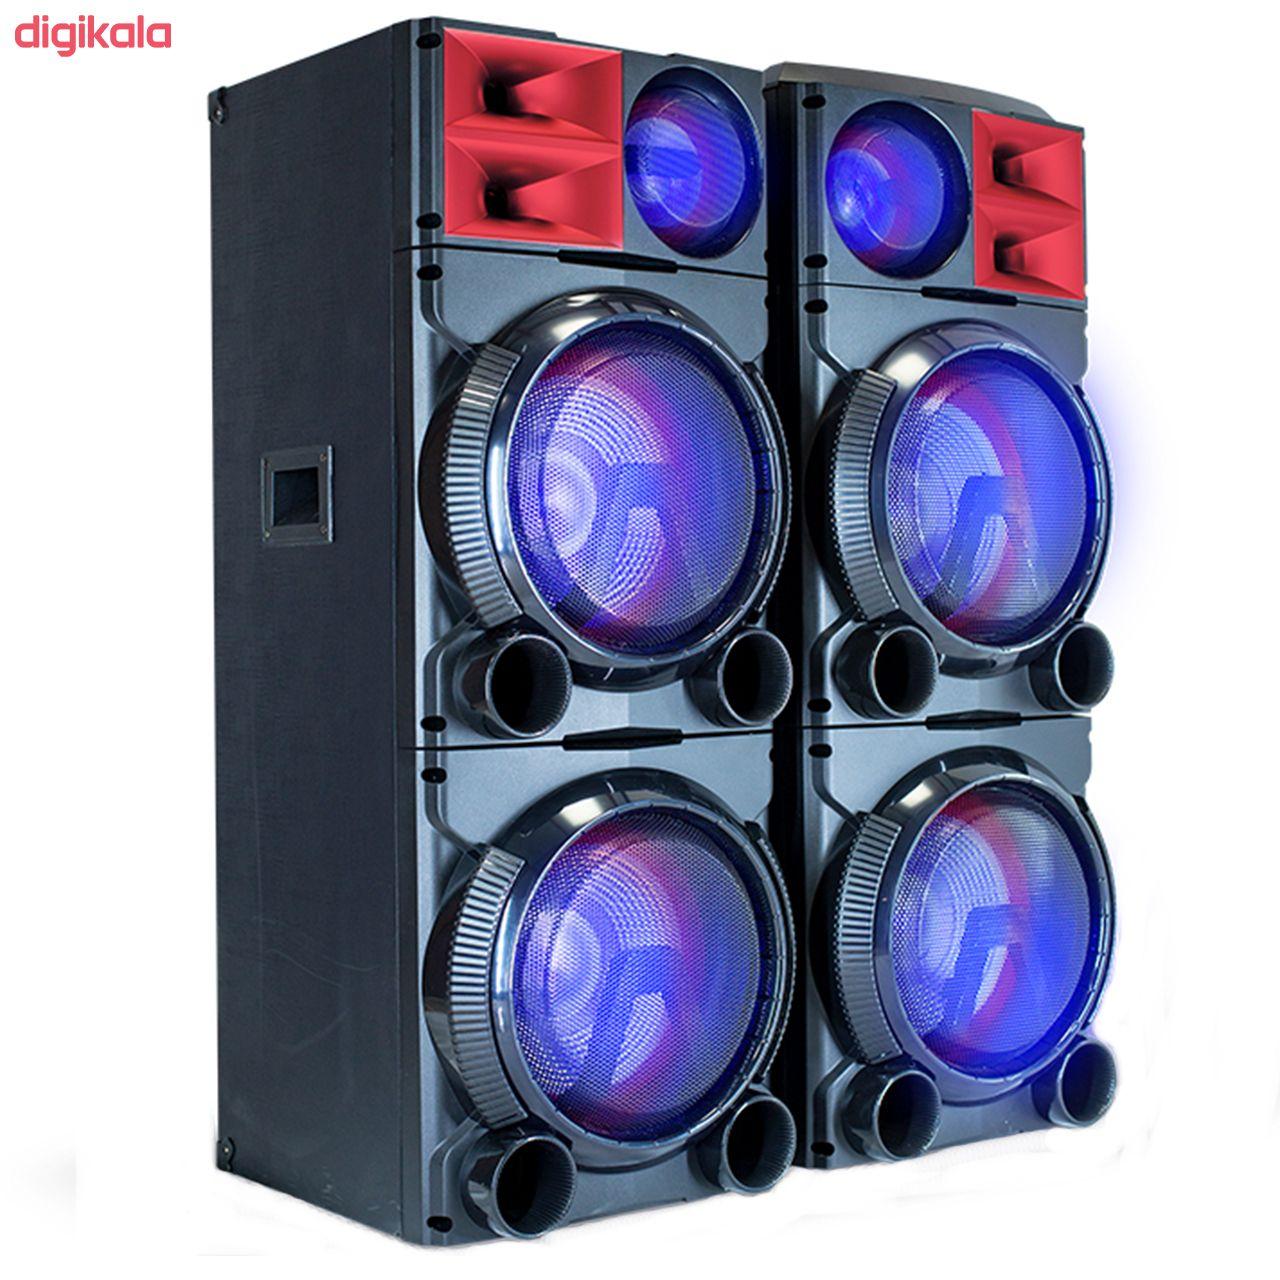 پخش کننده خانگی میکرولب مدل DJ1201SMART main 1 2